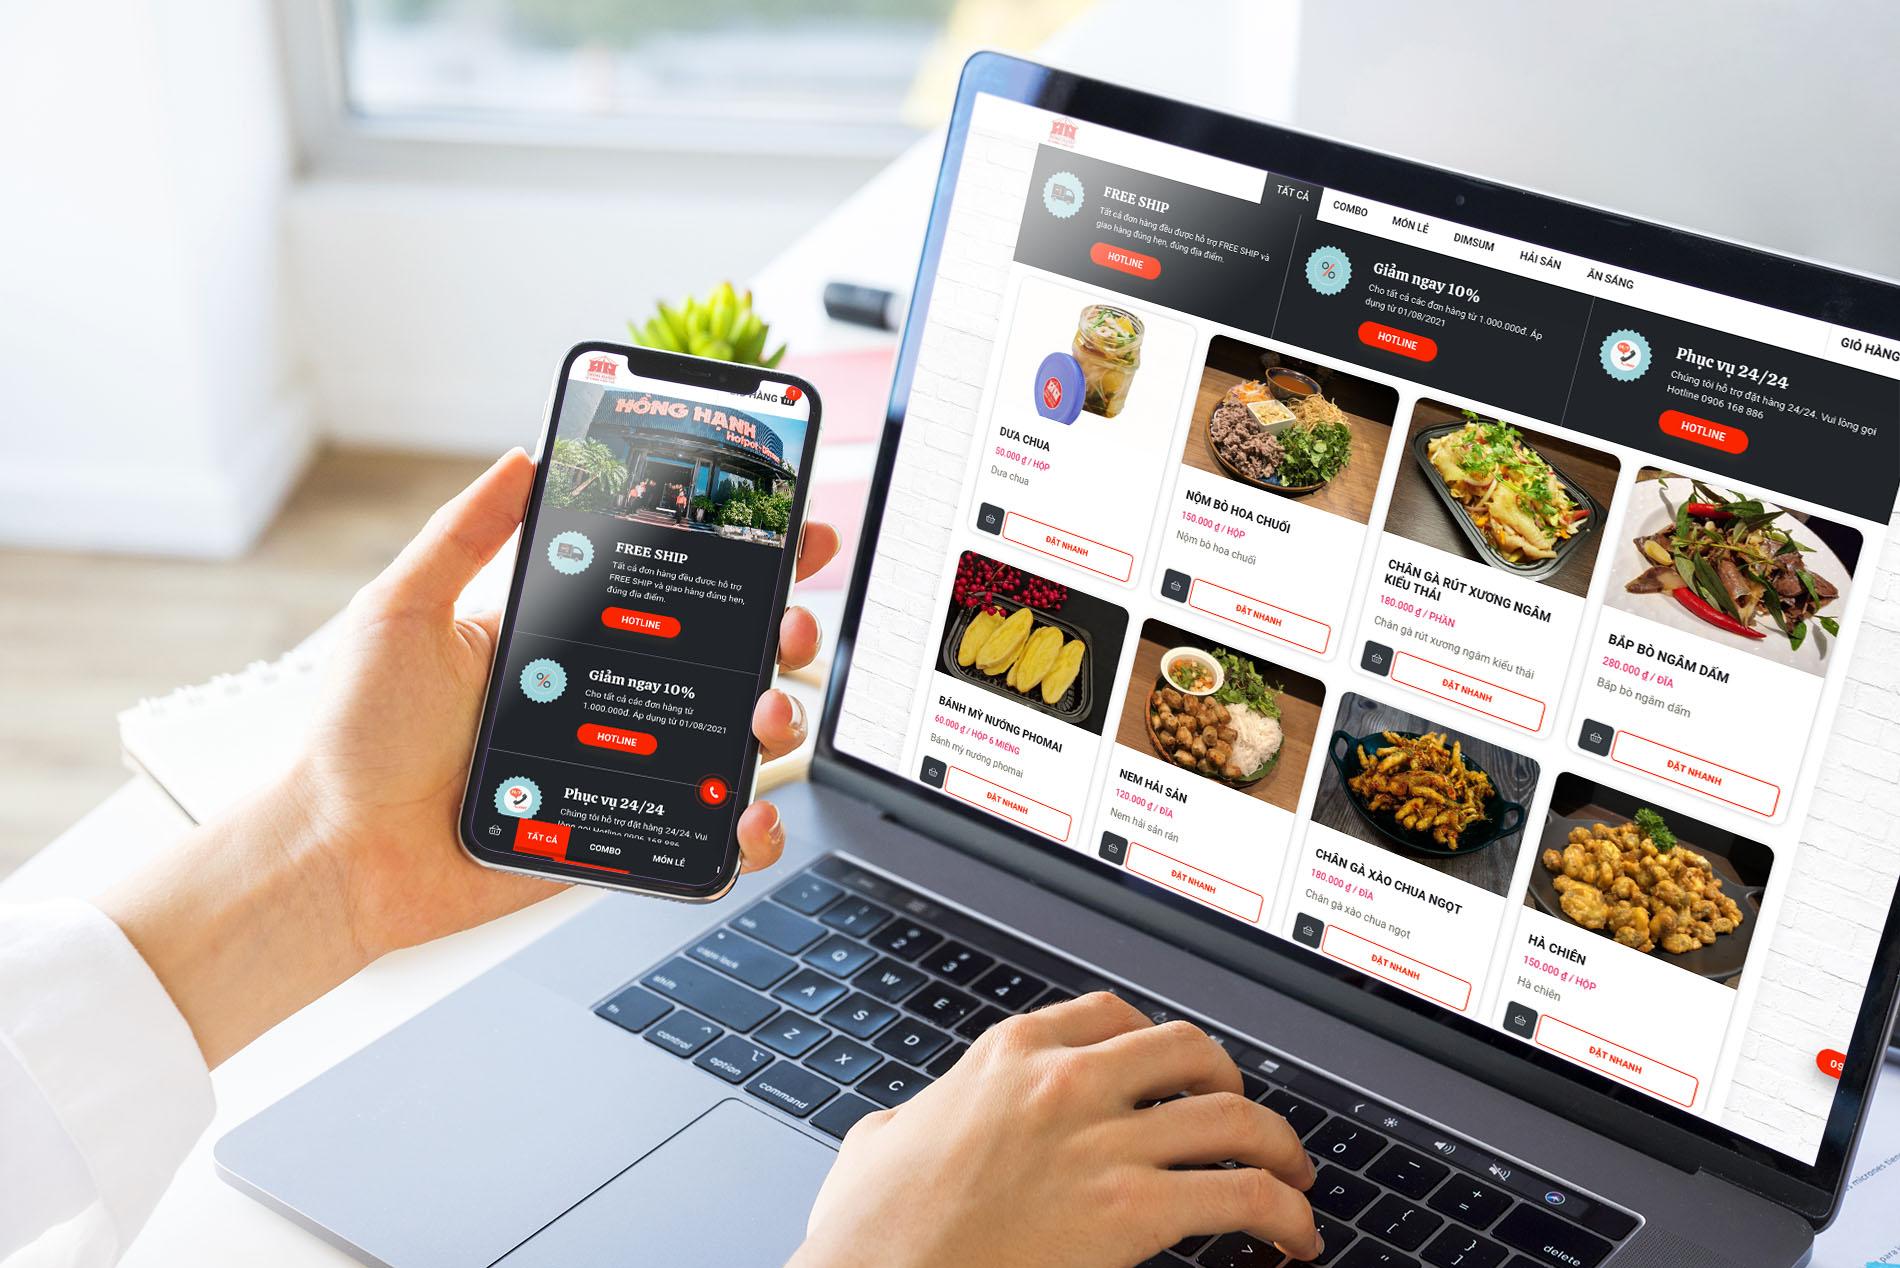 Đặt hàng trực tuyến - Nhà hàng Hồng Hạnh